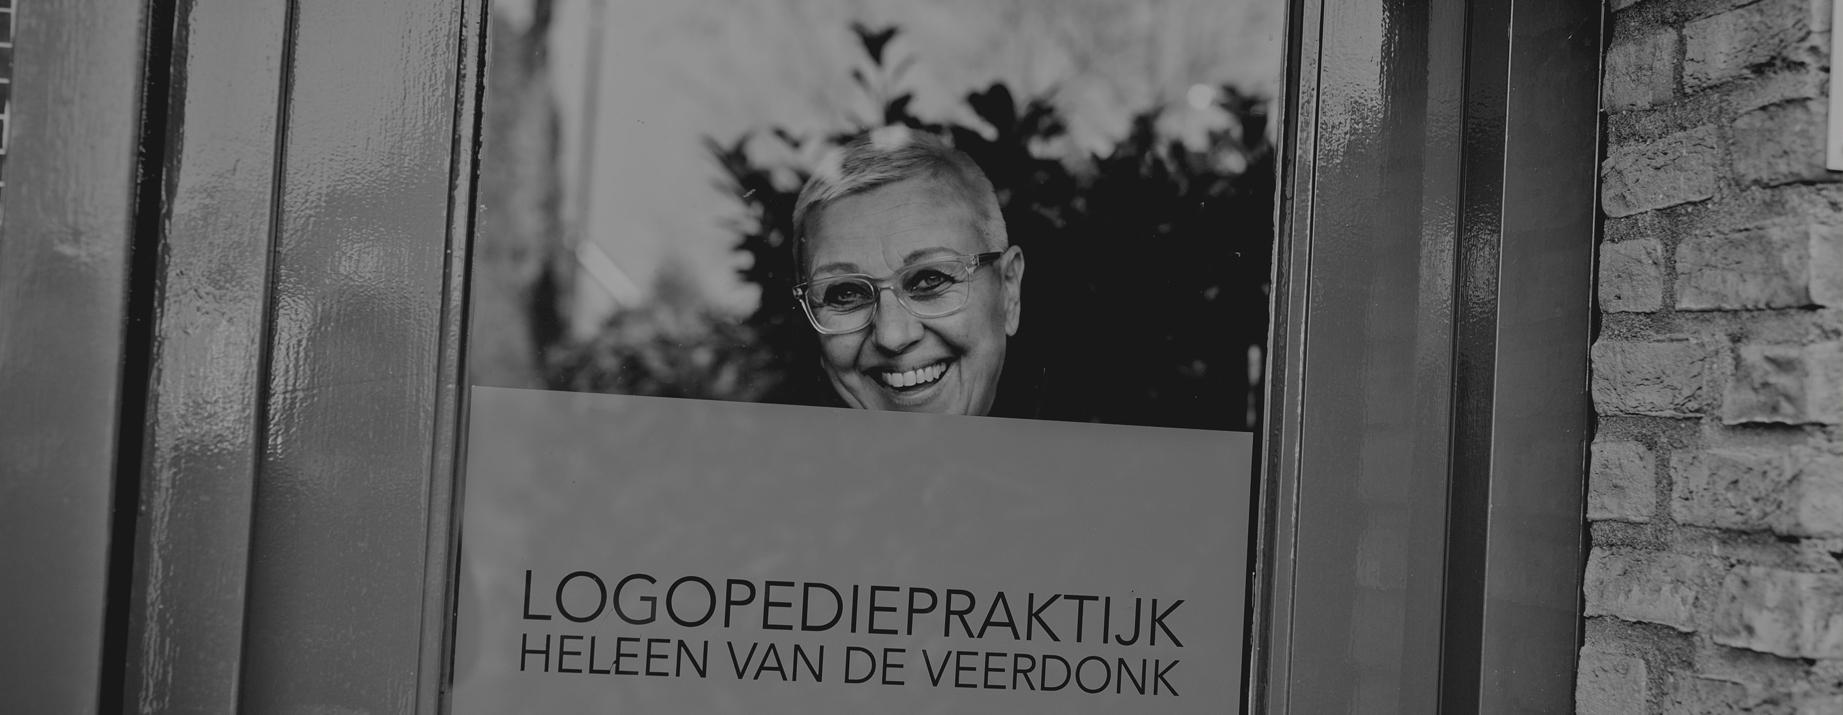 Logopediepraktijk Heeswijk